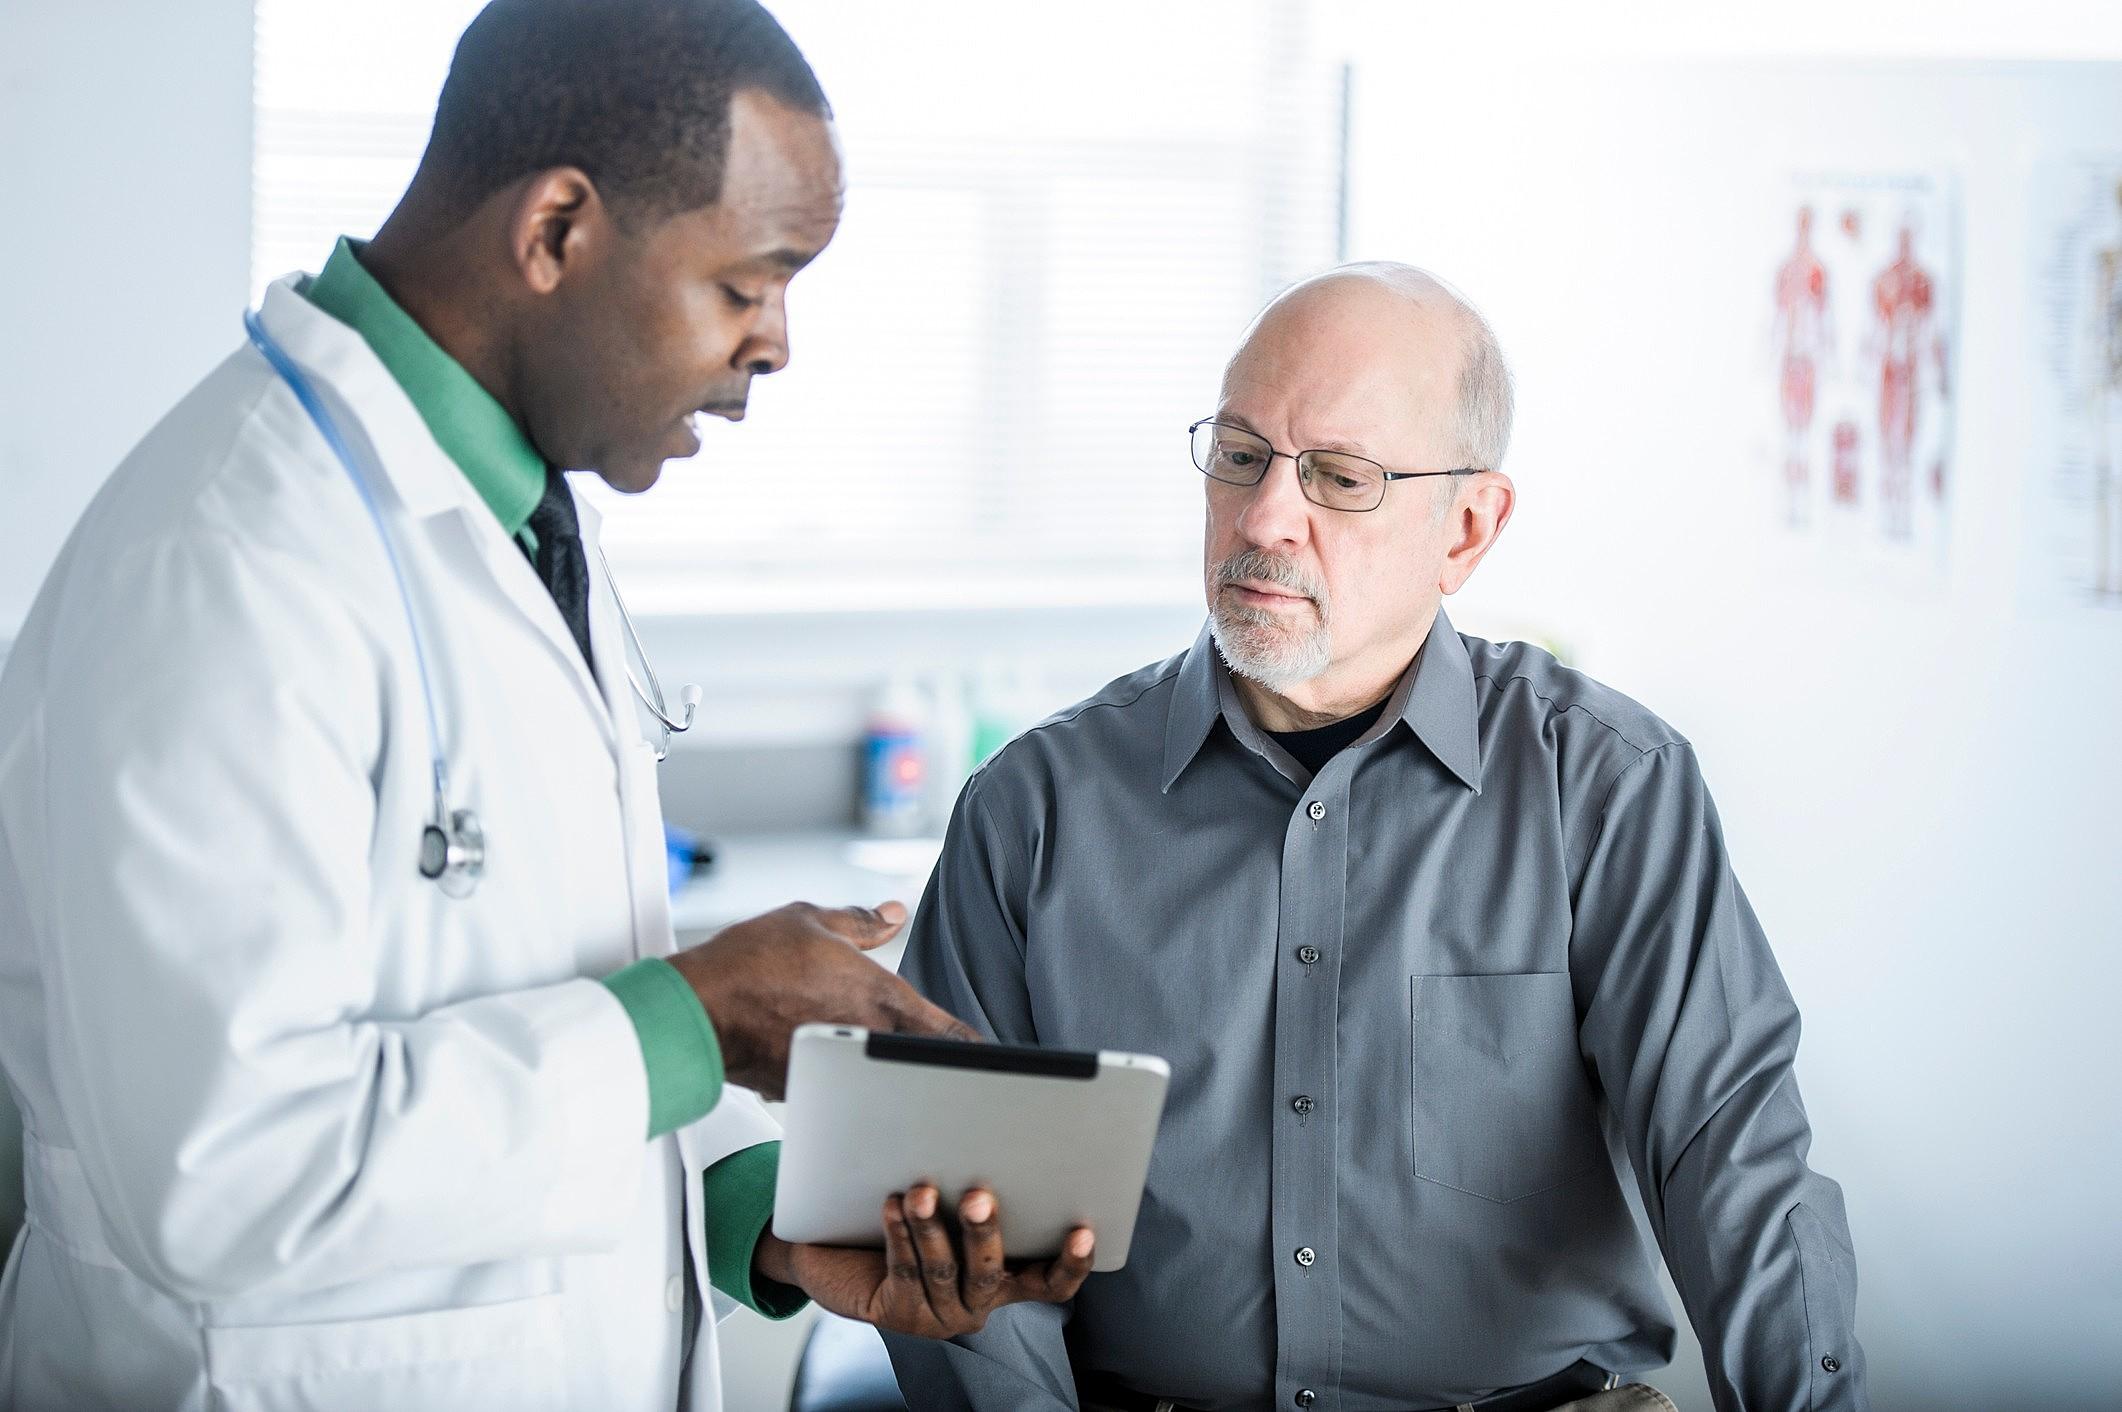 Como promover a otimização de processos em hospitais? Entenda aqui